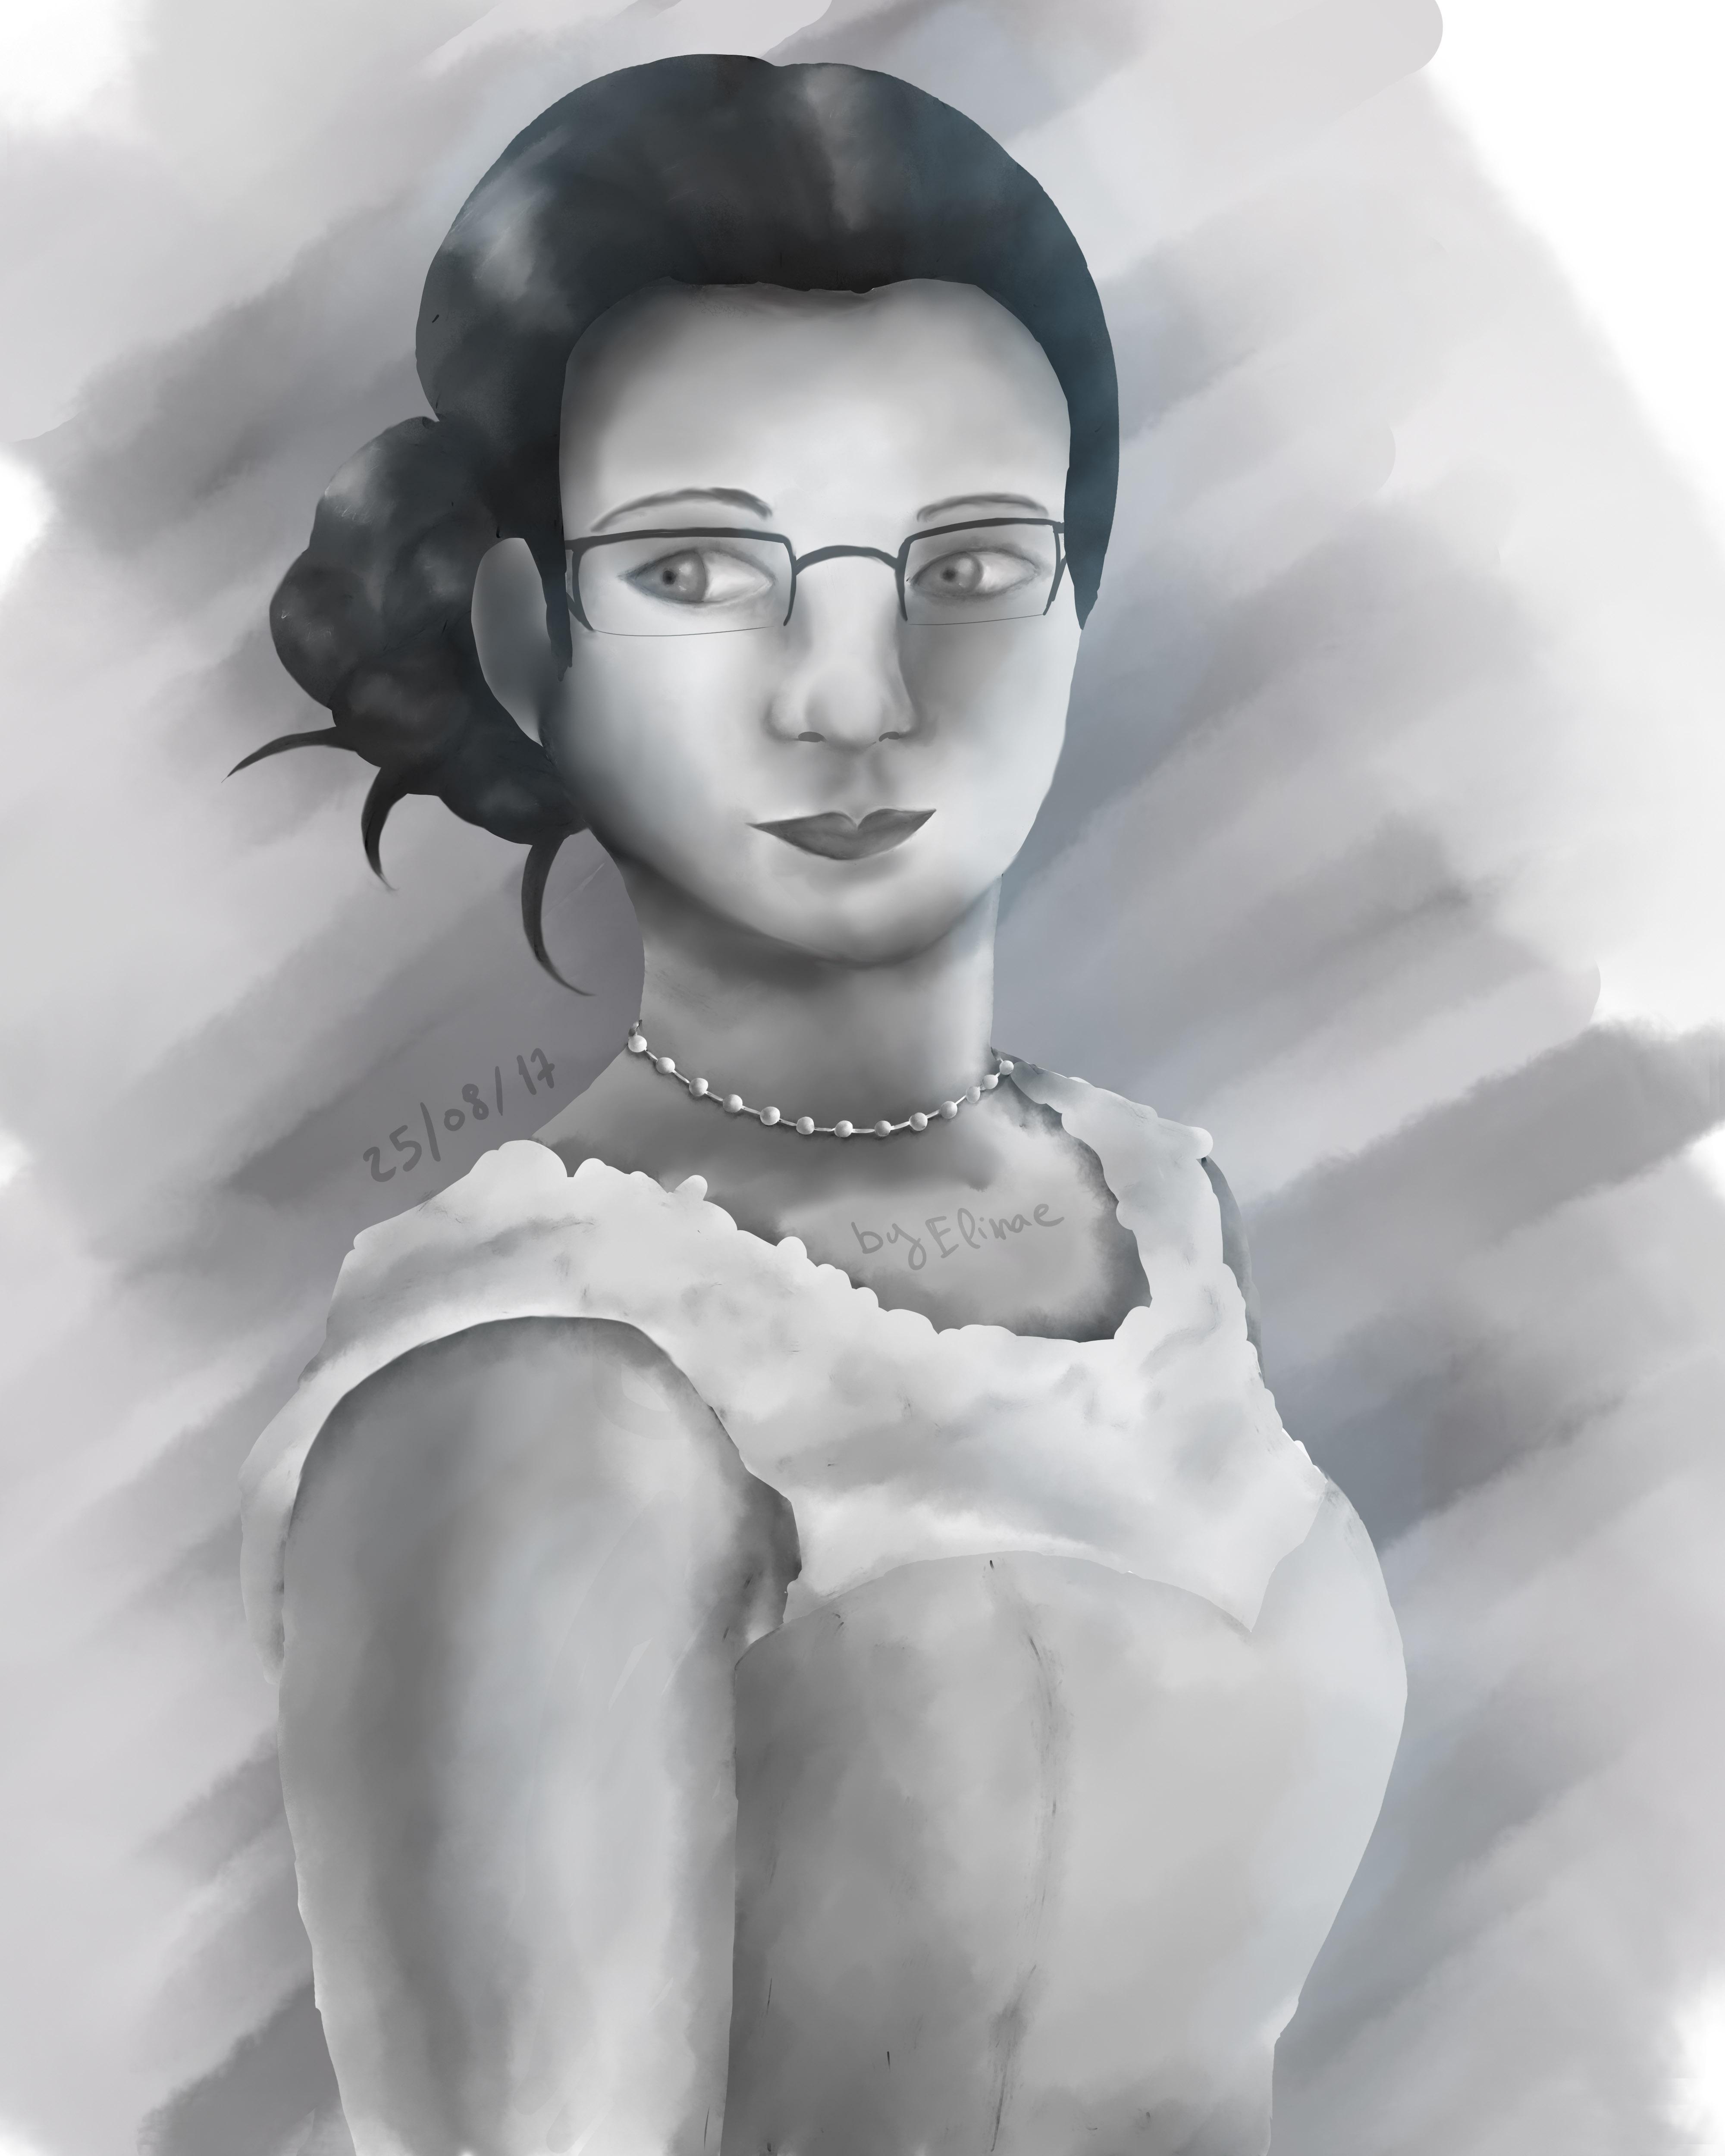 Portrait inspirée d'une photo